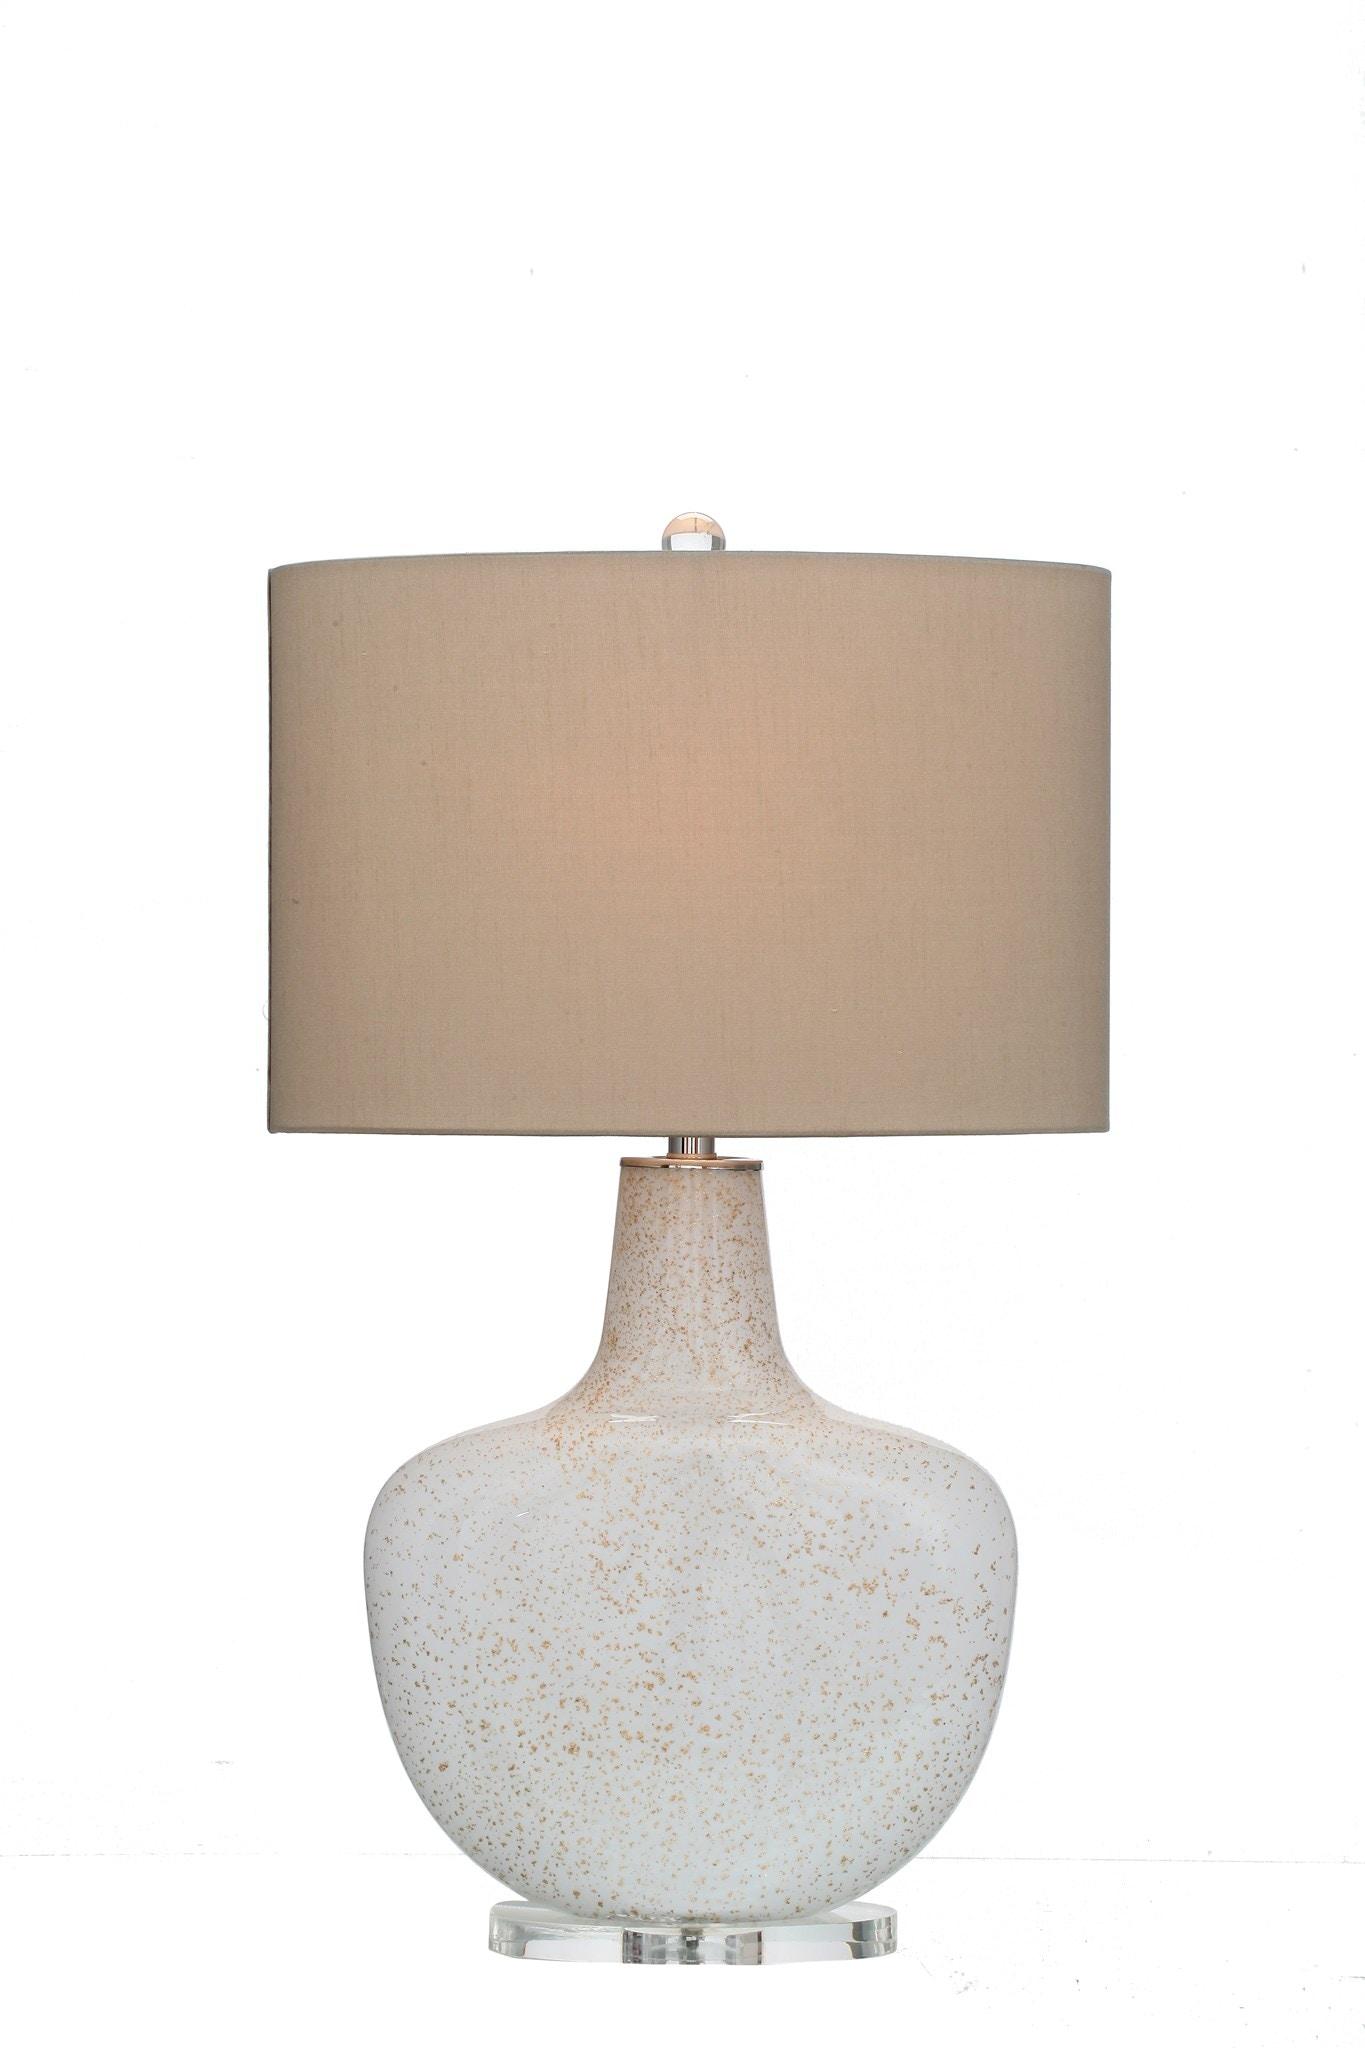 Viz Glass Inc Lamps and Lighting White Glass Table Lamp 10139